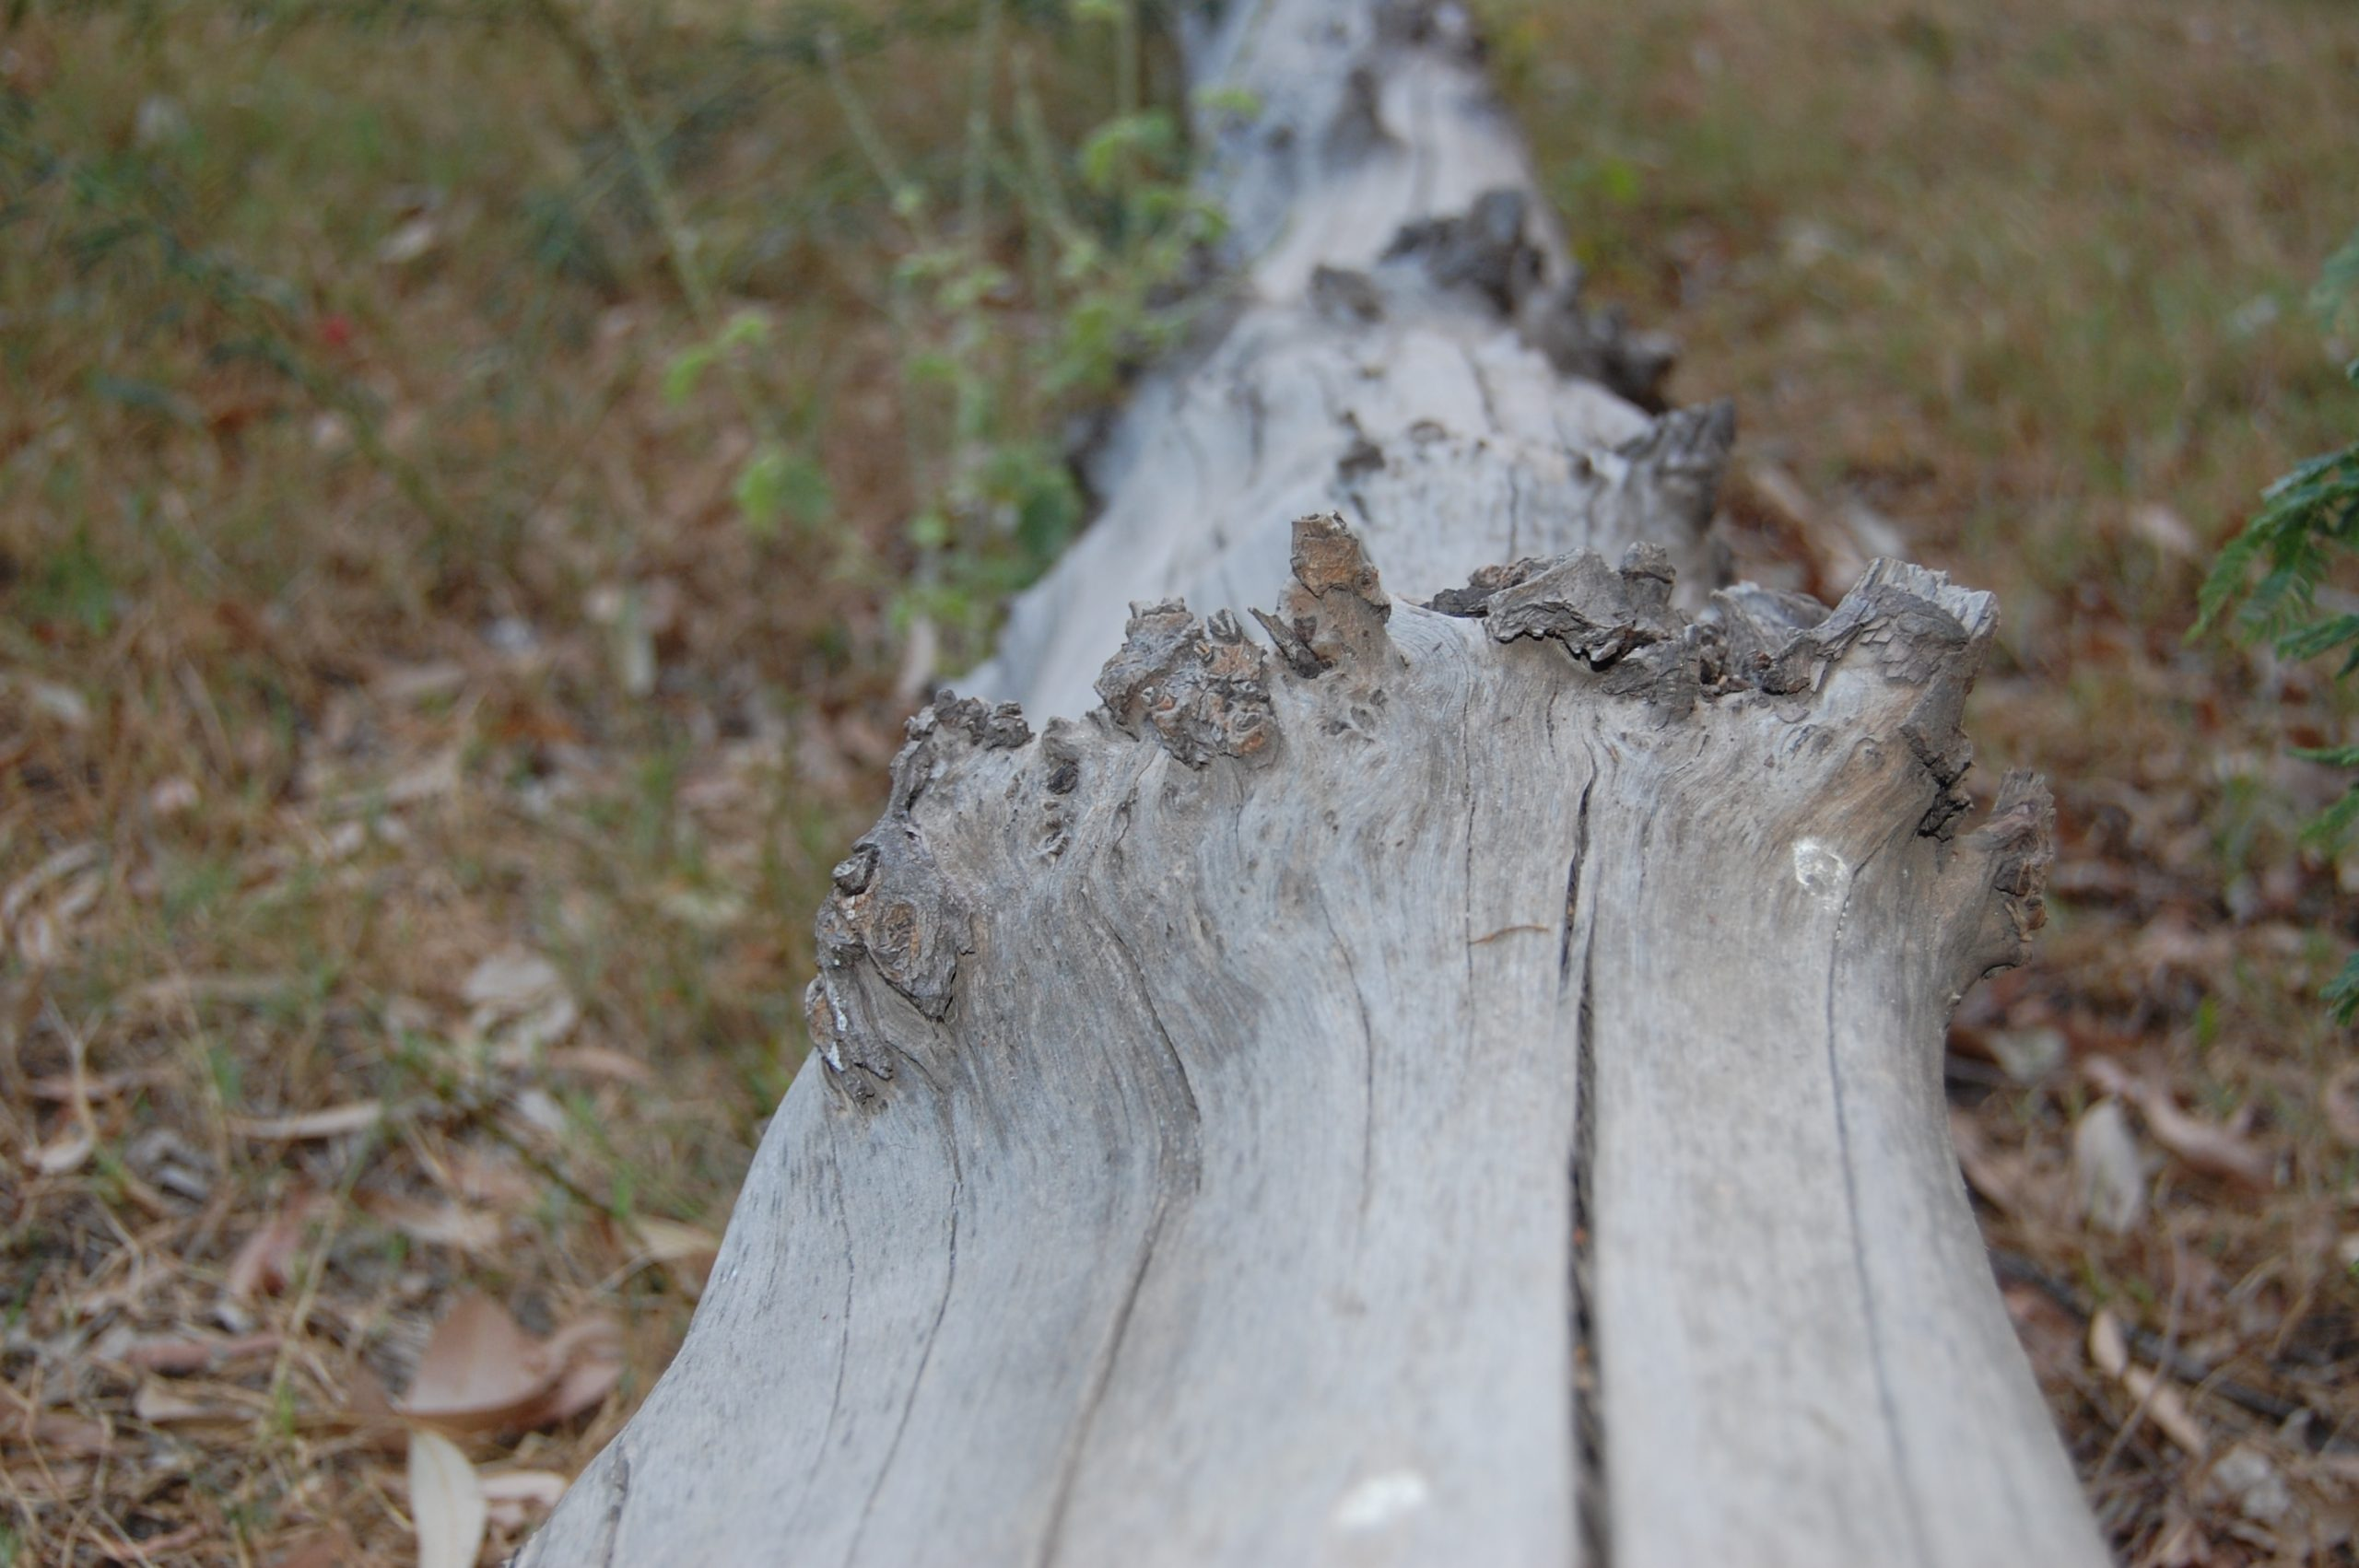 A fallen tree trunk